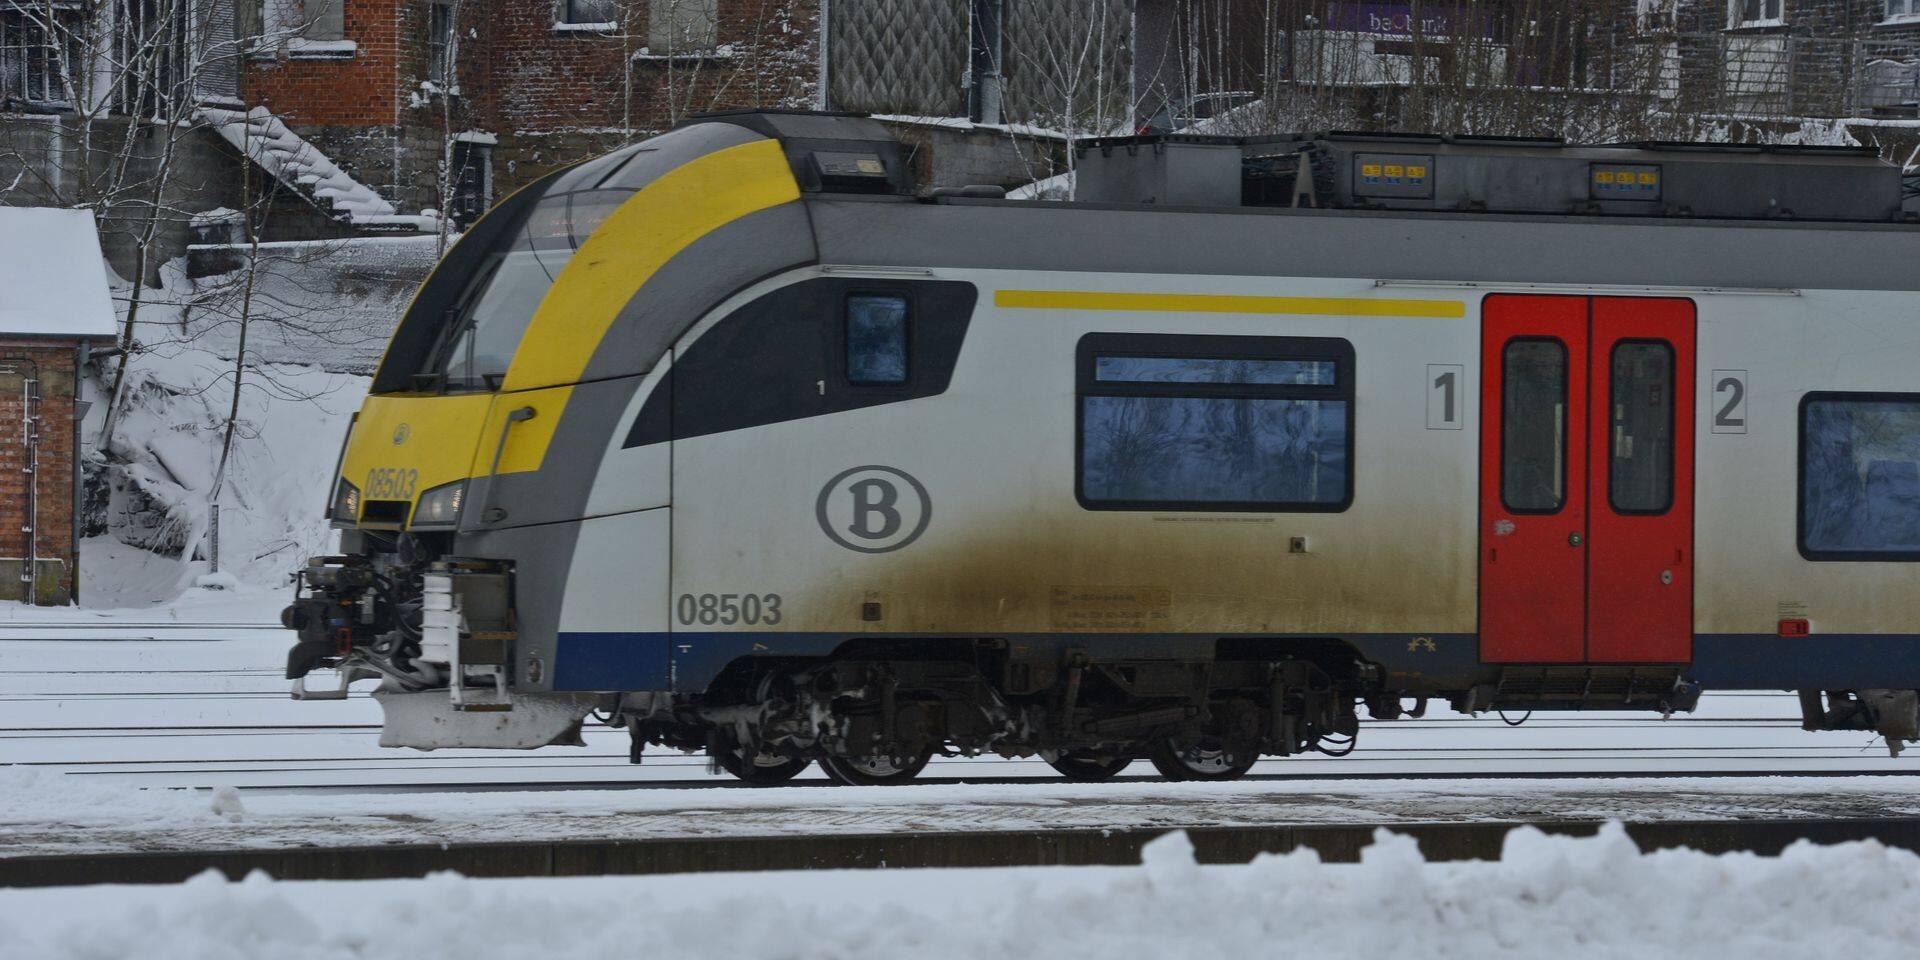 Trafic ferroviaire interrompu entre Rochefort-Jemelle et Libramont en raison d'un incident à hauteur de Poix-Saint-Hubert